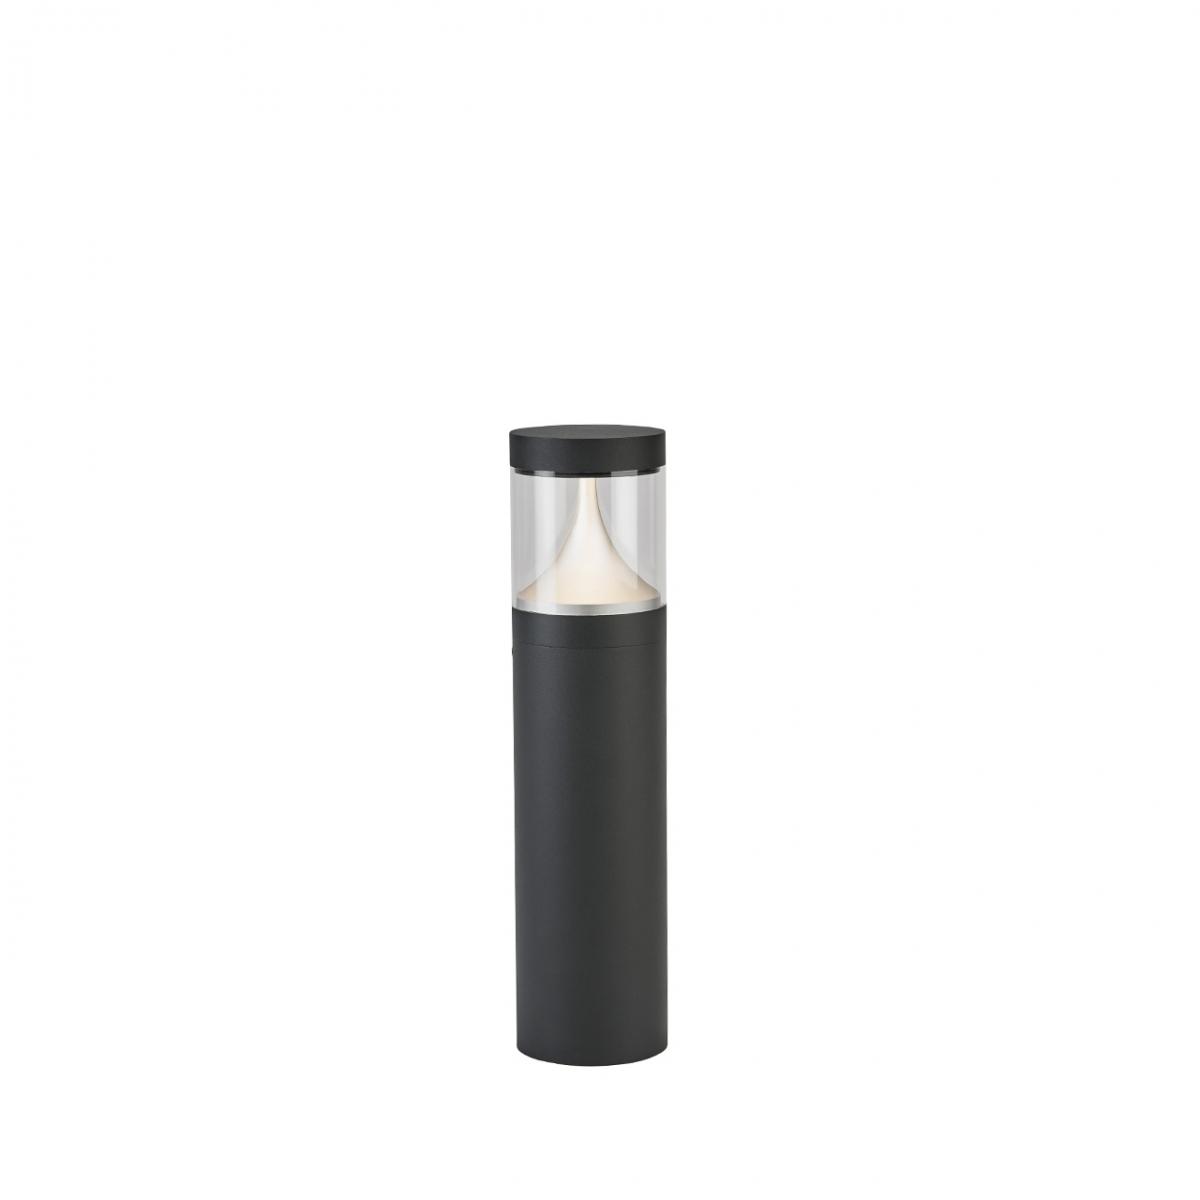 Стовпчики Norlys Egersund mini 49 cm